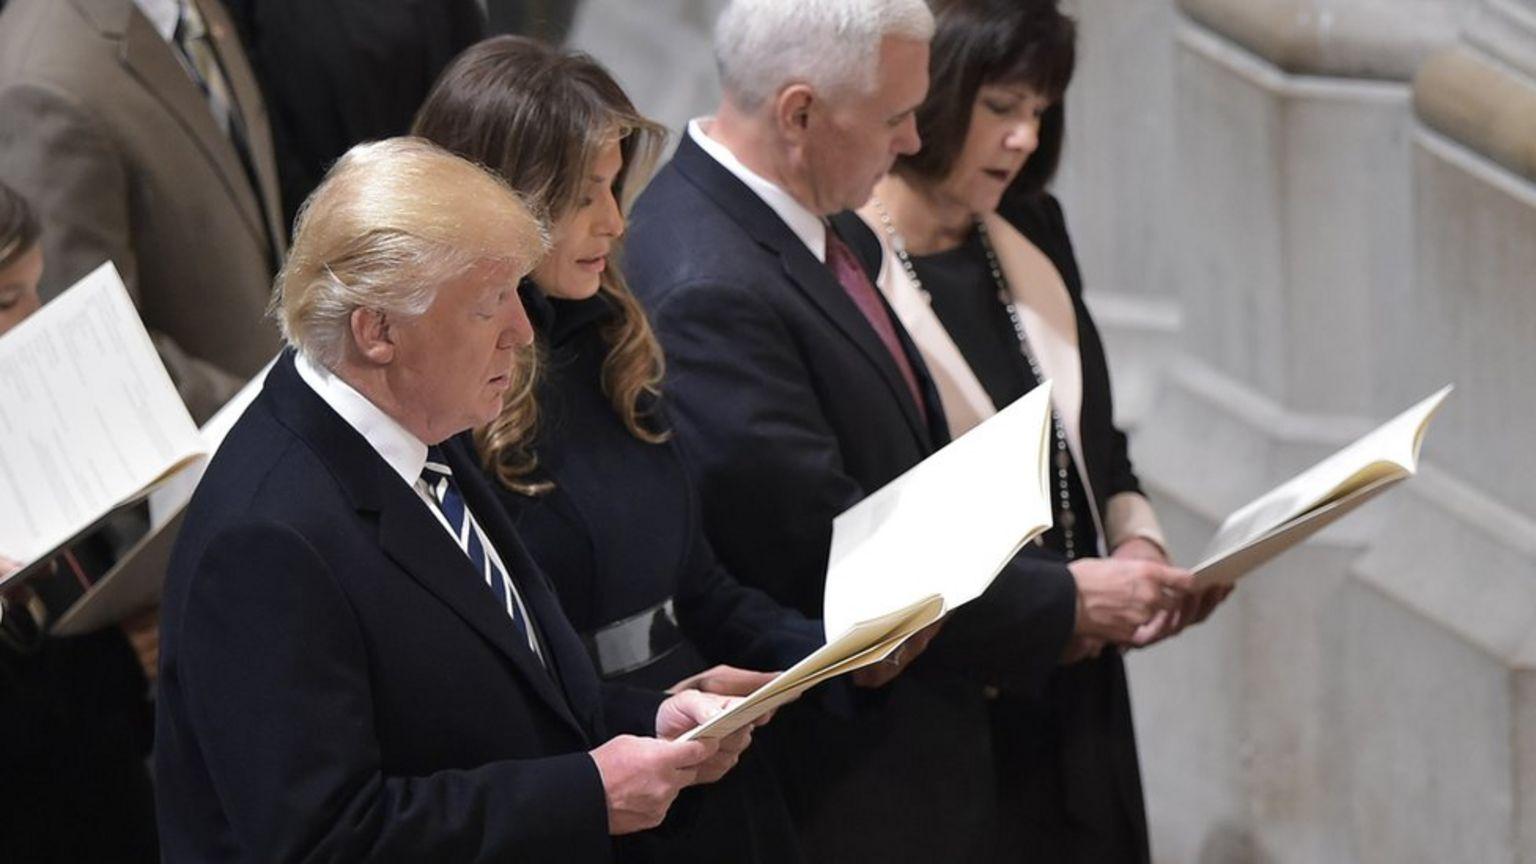 Donald Trump, Mike Pence, e suas respectivas mulheres em 2017 numa cerimônia religiosa